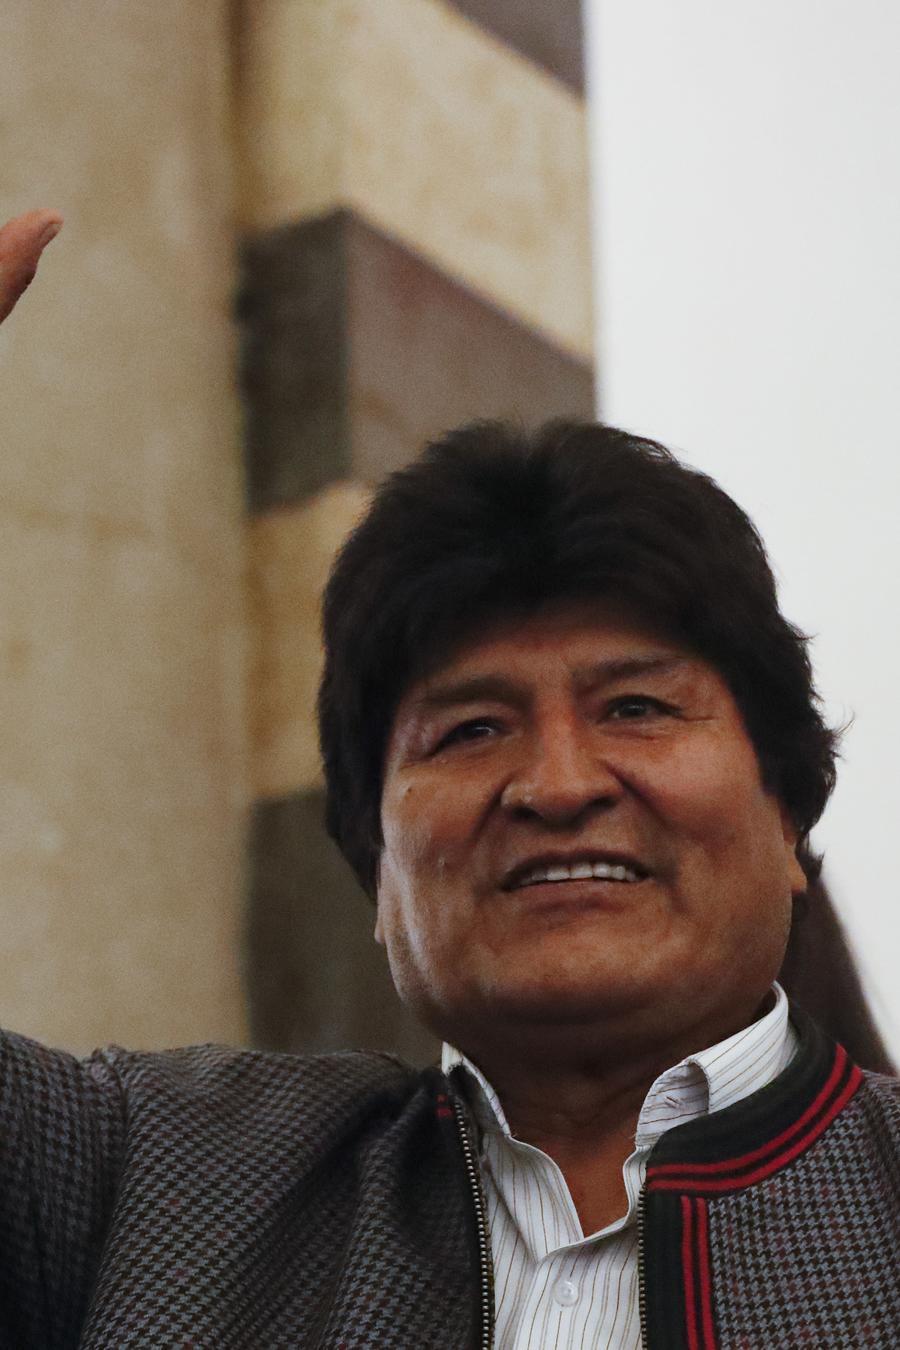 El presidente Evo Morales saluda a sus seguidores en La Paz, Bolivia